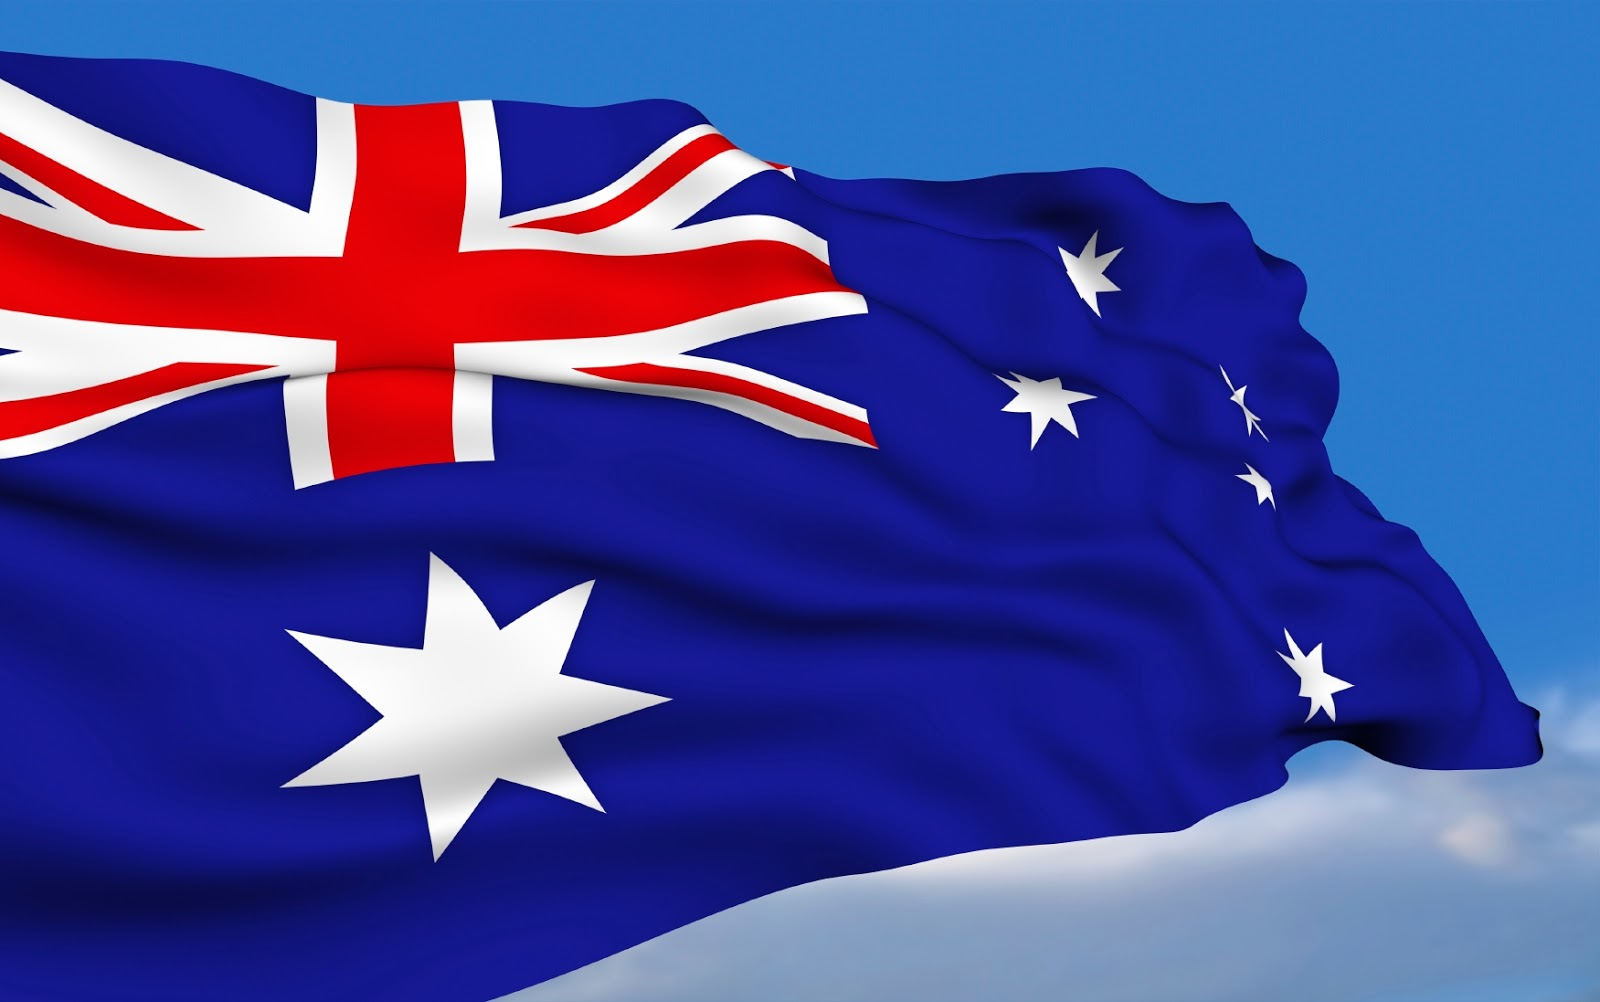 تعرف على السر وراء تغيير كلمة واحدة في النشيد الوطني لأستراليا